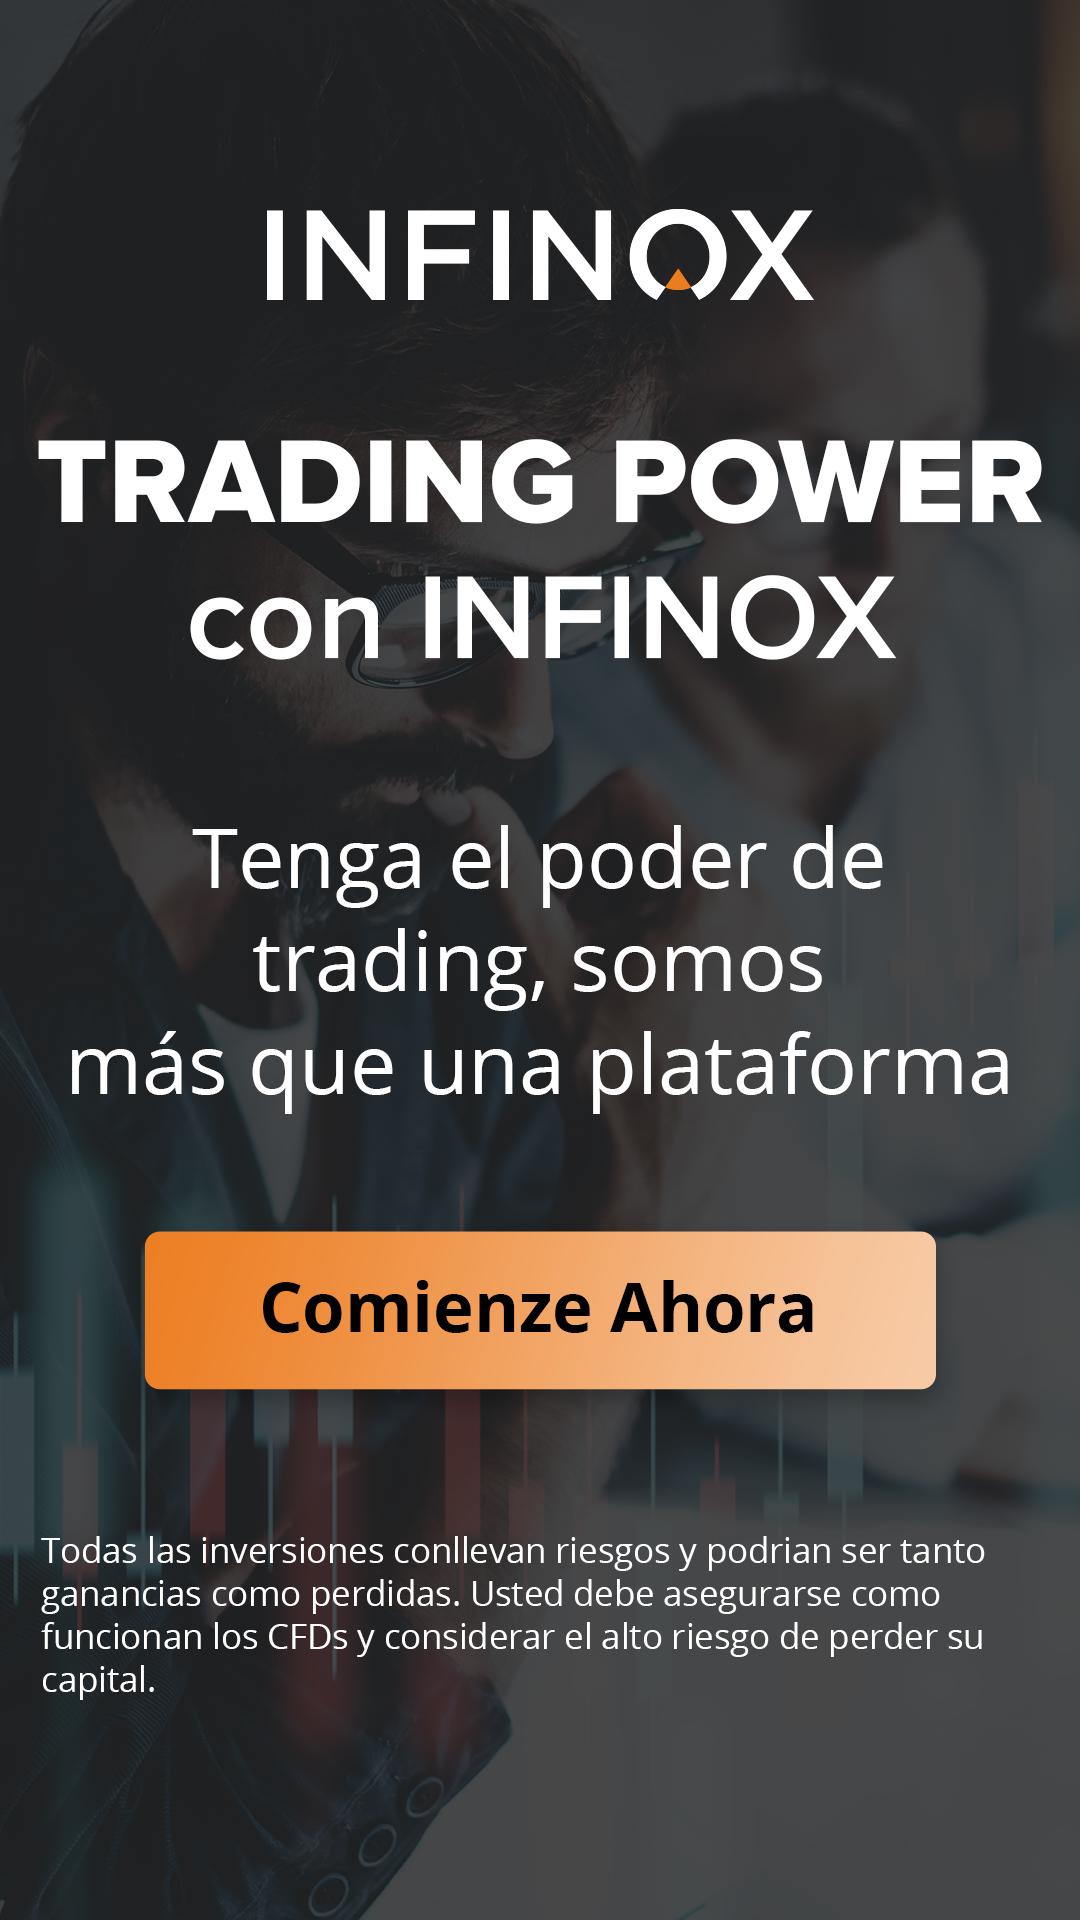 infinox broker